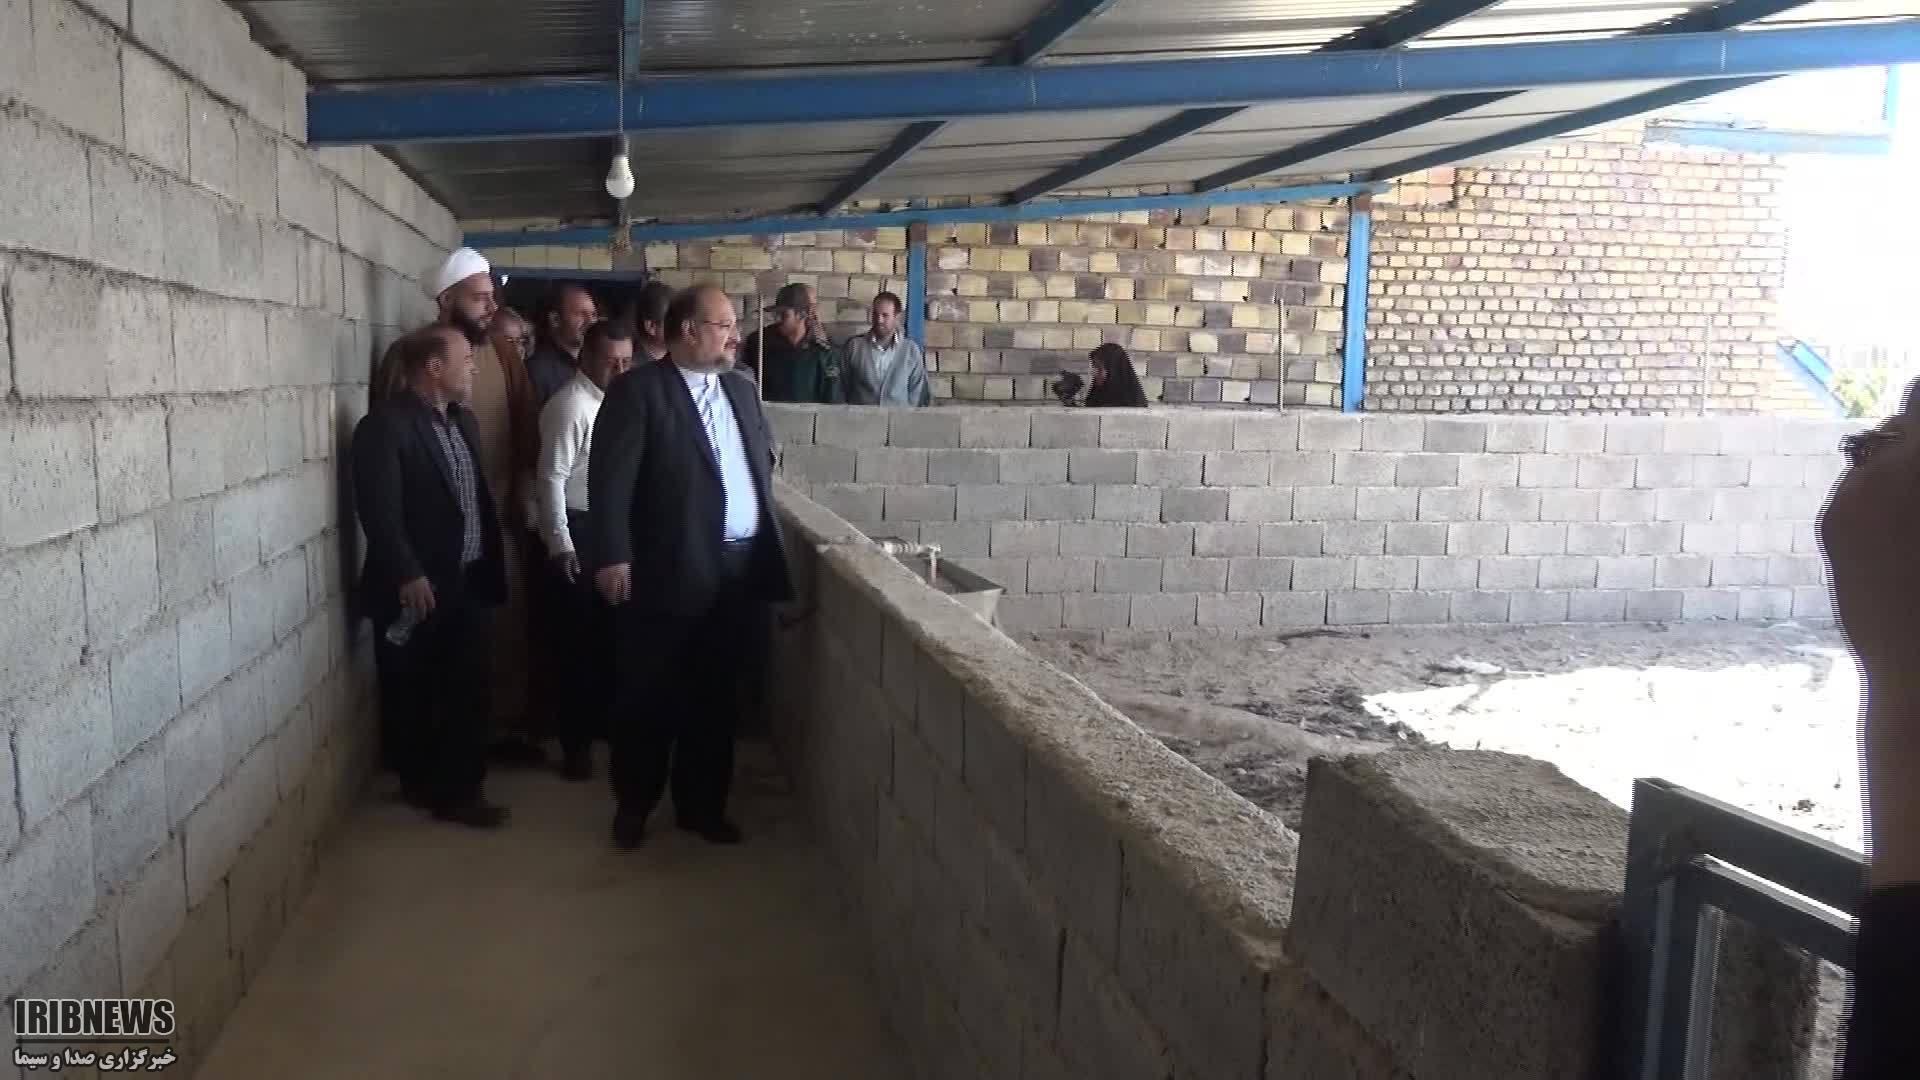 حضور وزیر تعاون ، کار و رفاه اجتماعی در شهرستان سرایان